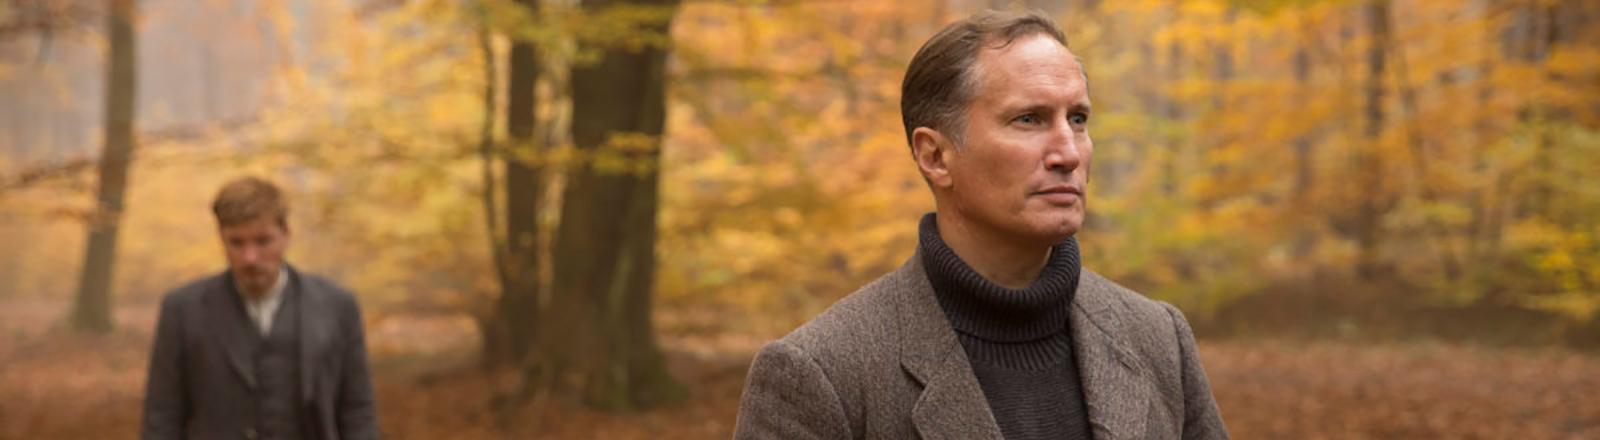 """Benno Fürmann aka Regierungsrat Günter Wendt, Dreharbeiten, Filmausschnitt ARD-Serie """"Babylon Berlin"""" 3. Staffel"""